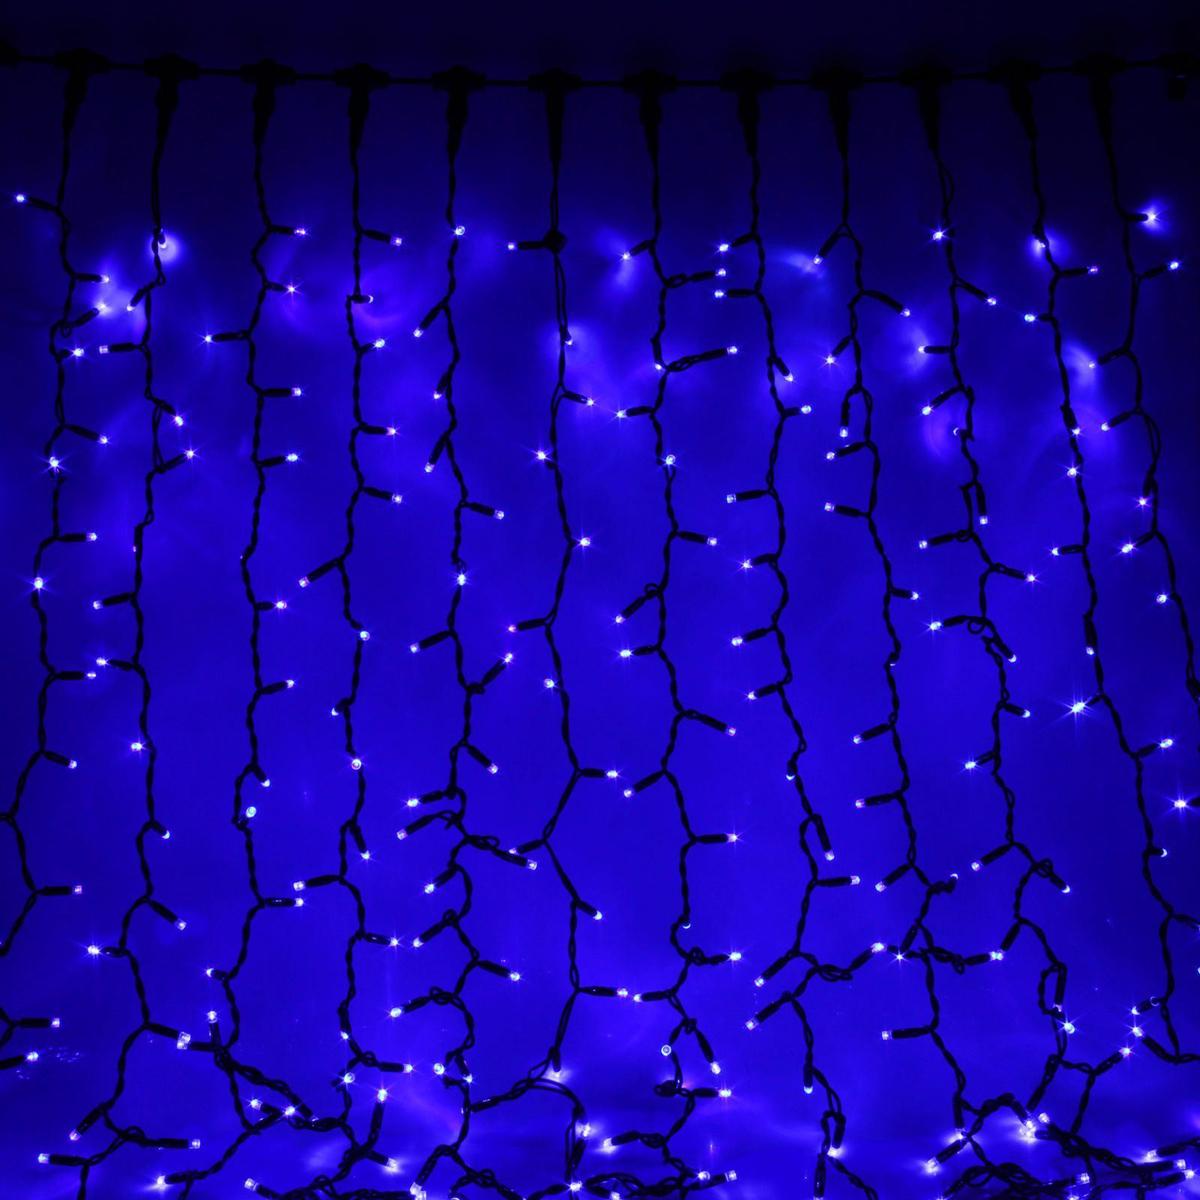 Гирлянда светодиодная Sima-land Занавес, цвет: синий, уличная, 1520 ламп, 220 V, 2 х 6 м. 23328622332862Светодиодные гирлянды и ленты — это отличный вариант для новогоднего оформления интерьера или фасада. С их помощью помещение любого размера можно превратить в праздничный зал, а внешние элементы зданий, украшенные ими, мгновенно станут напоминать очертания сказочного дворца. Такие украшения создают ауру предвкушения чуда. Деревья, фасады, витрины, окна и арки будто специально созданы, чтобы вы украсили их светящимися нитями.